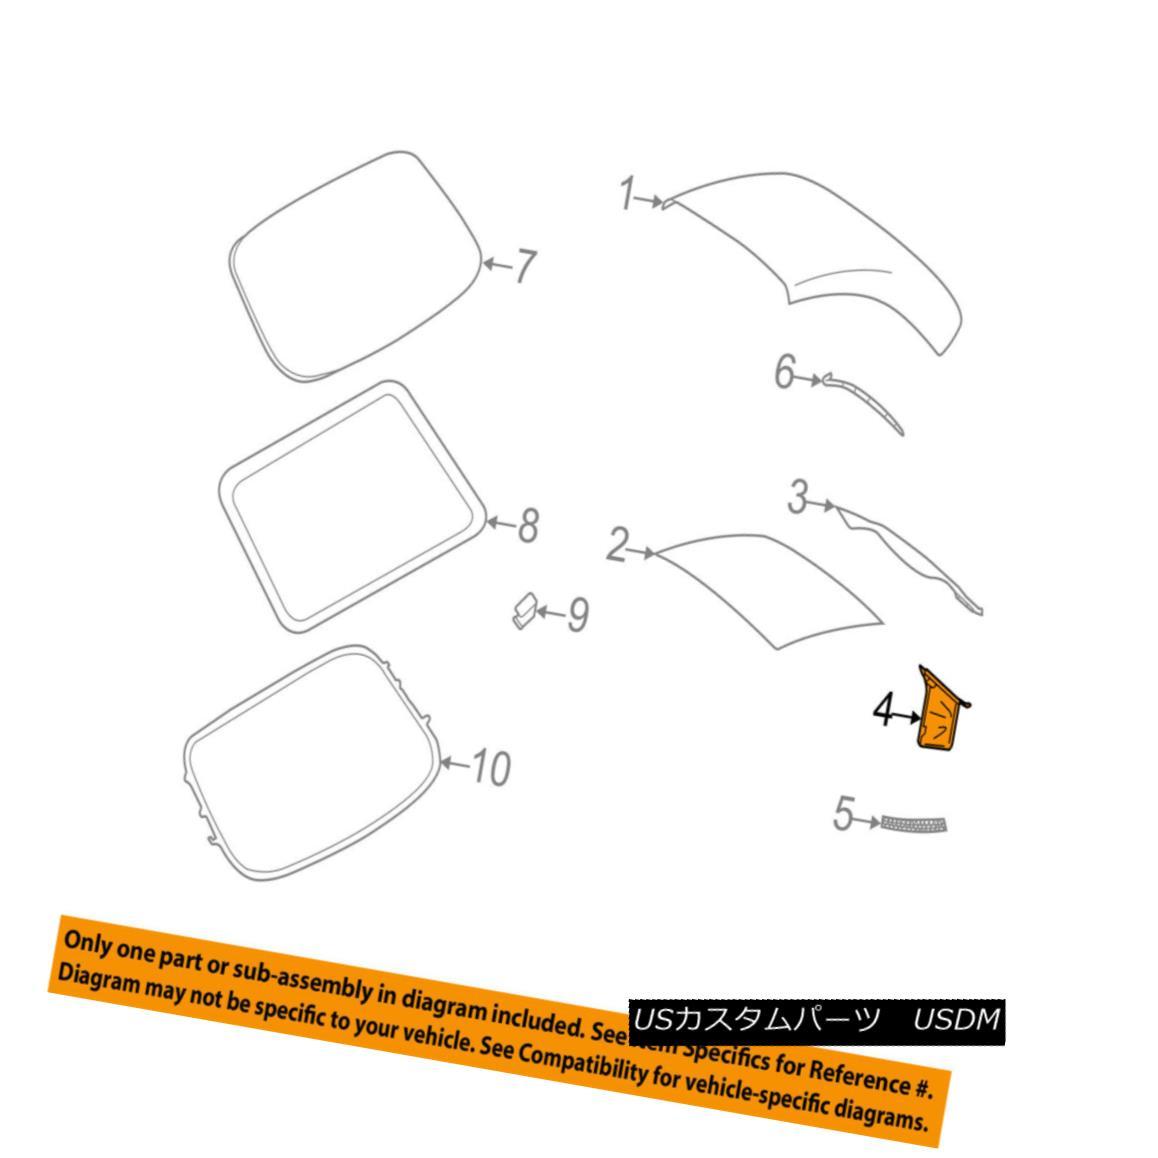 幌・ソフトトップ PORSCHE OEM 09-13 911 Convertible/soft Top-Storage Bag Right 99756109602A21 ポルシェOEM 09-13 911コンバーチブル/ so ftトップ収納袋右99756109602A21